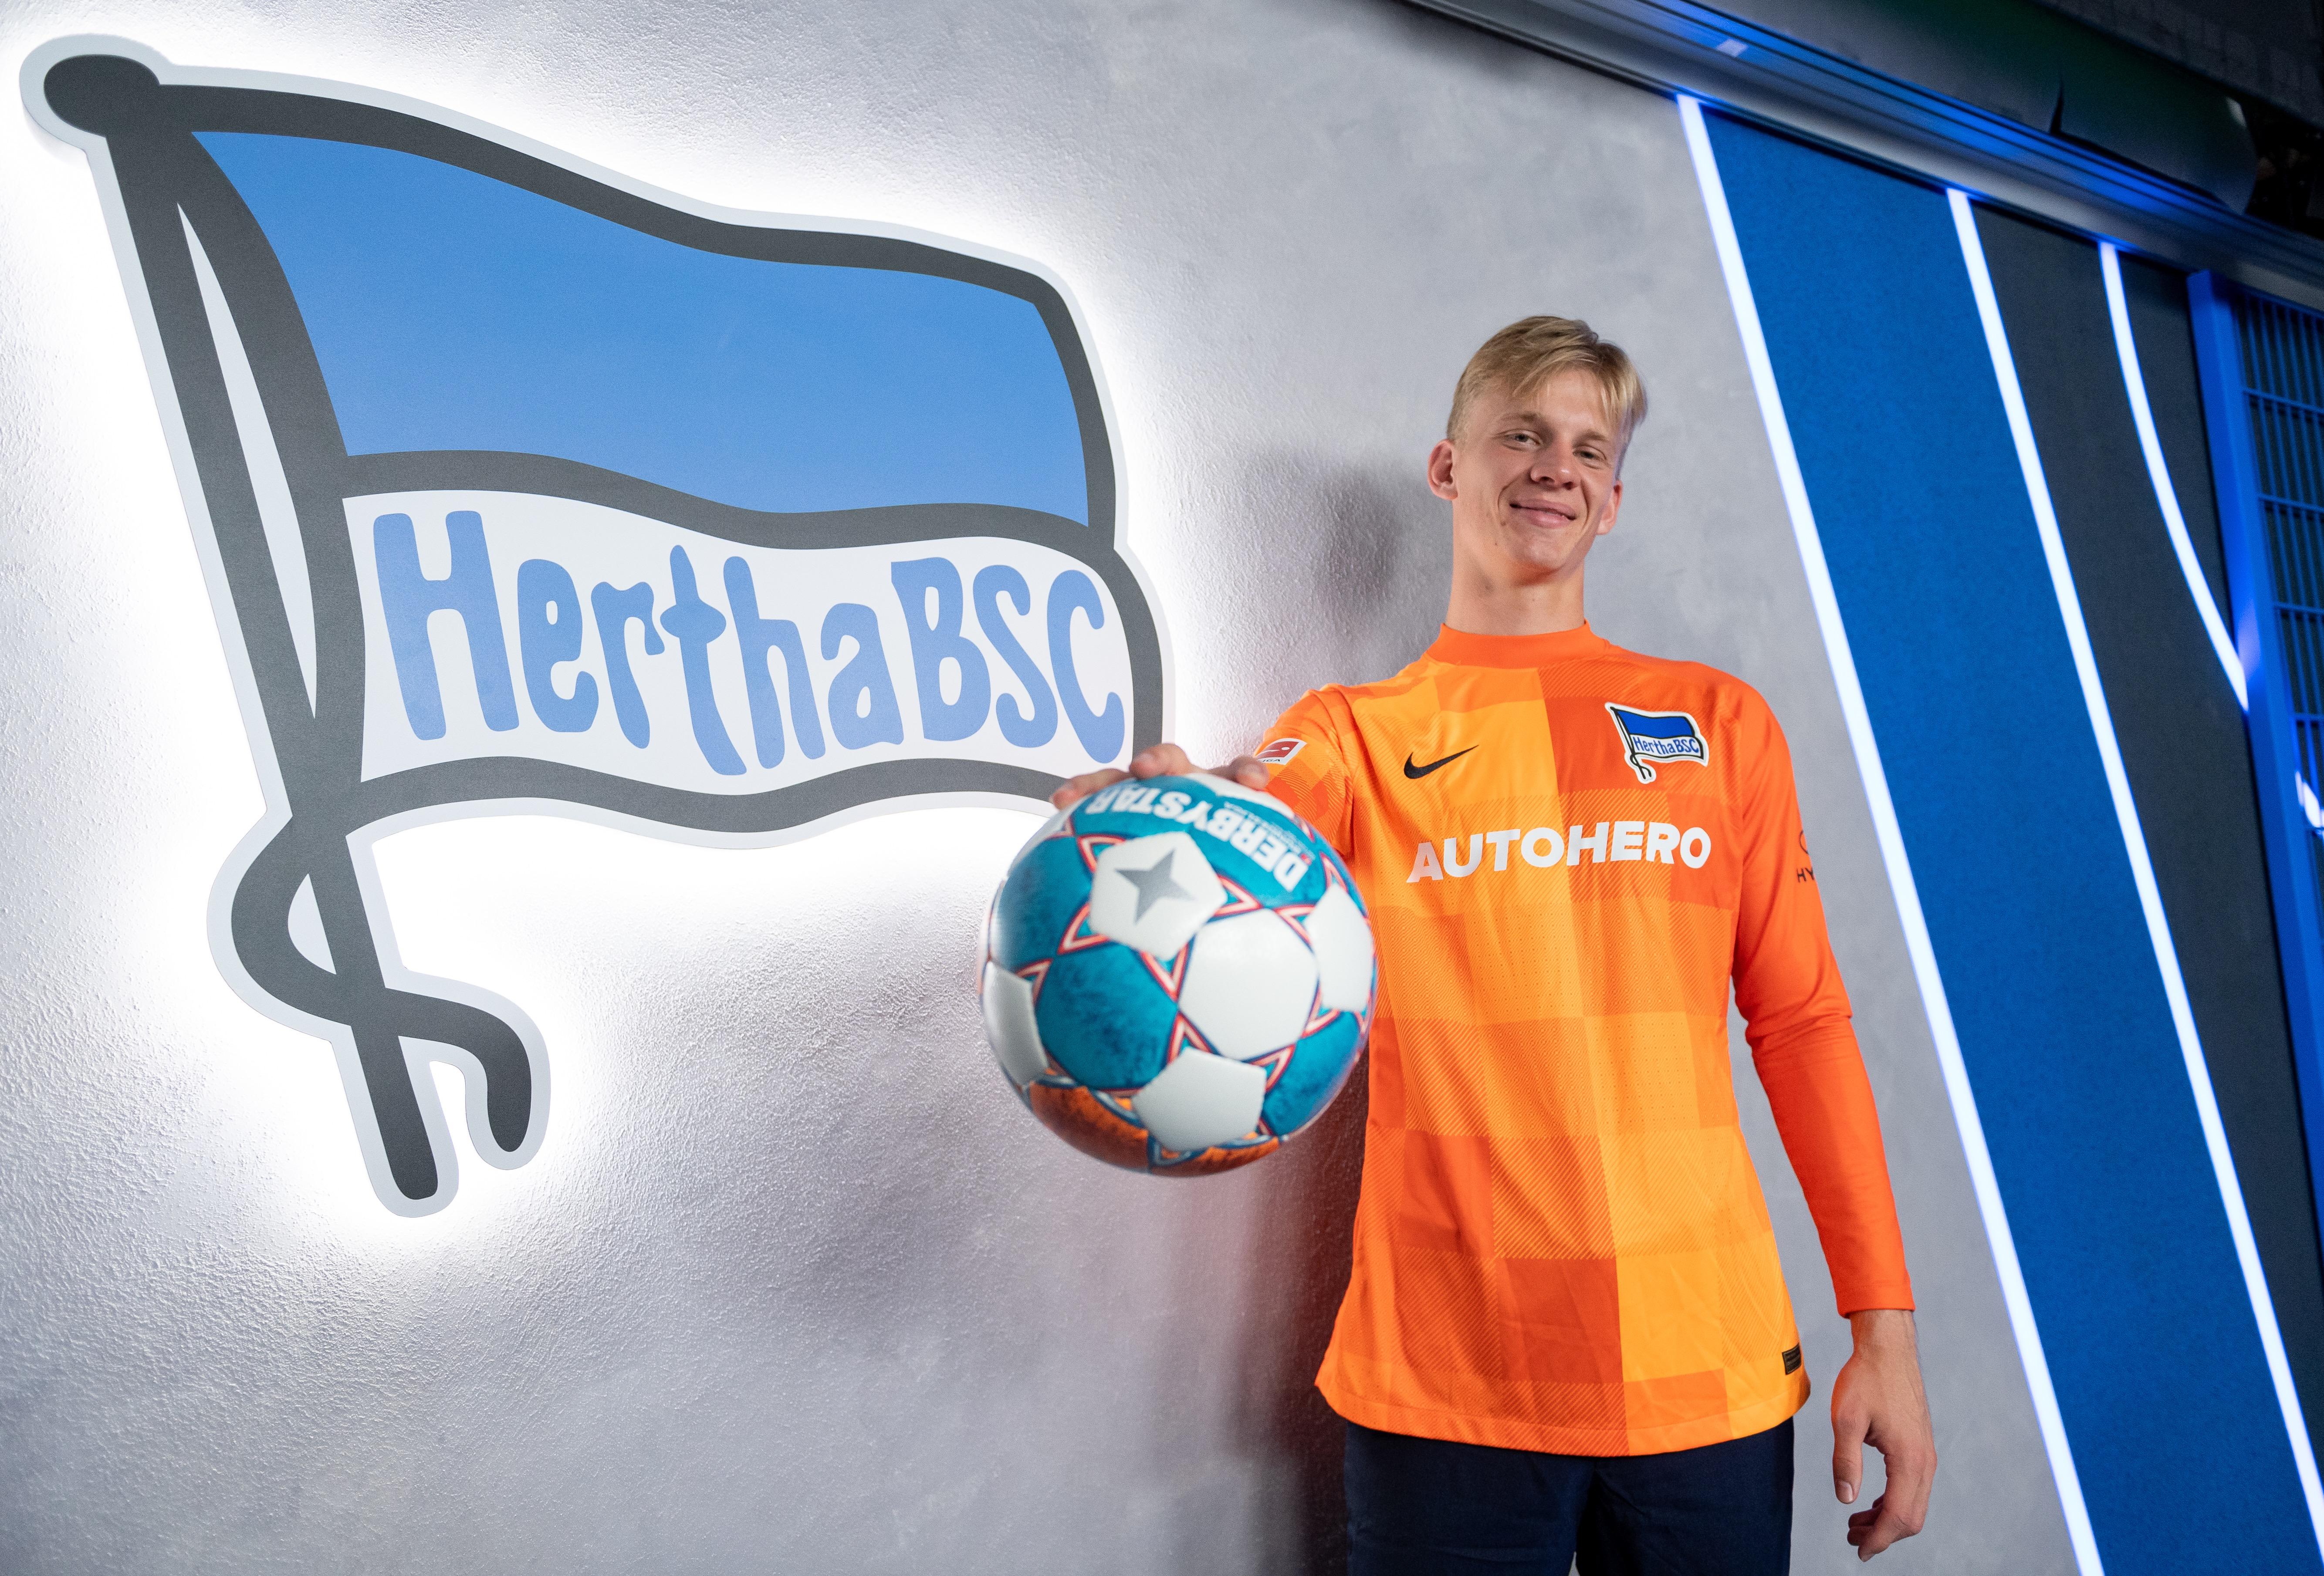 Oliver Christensen con un balón y visitiendo la camiseta del Hertha.